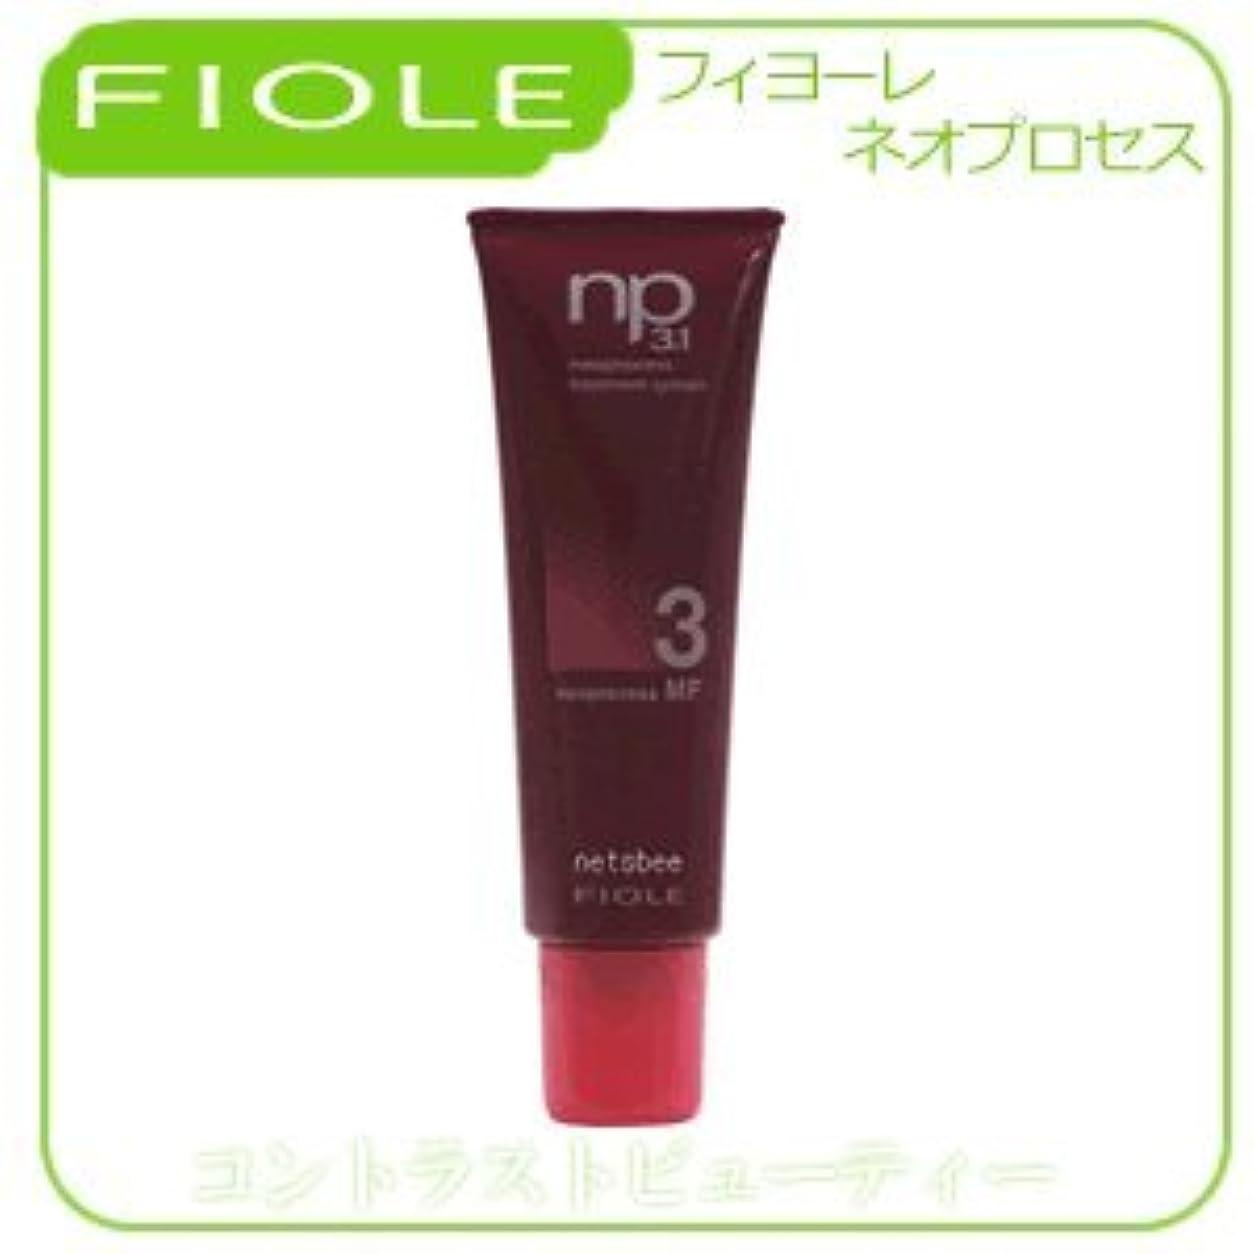 補充断片外向き【X3個セット】 フィヨーレ NP3.1 ネオプロセス MF3 130g FIOLE ネオプロセス